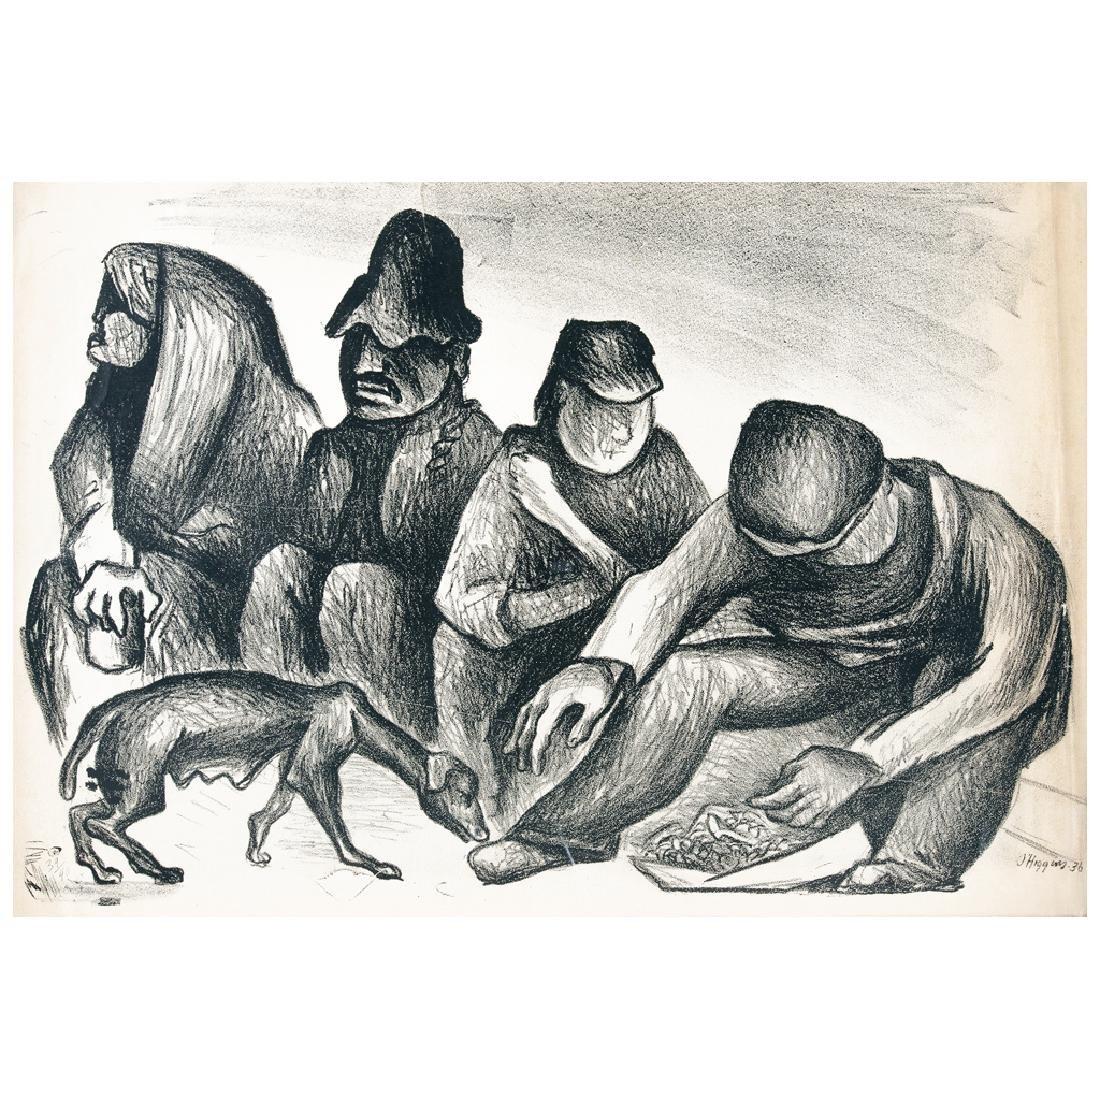 PABLO O HIGGINS, La perra hambre o vida de perros,